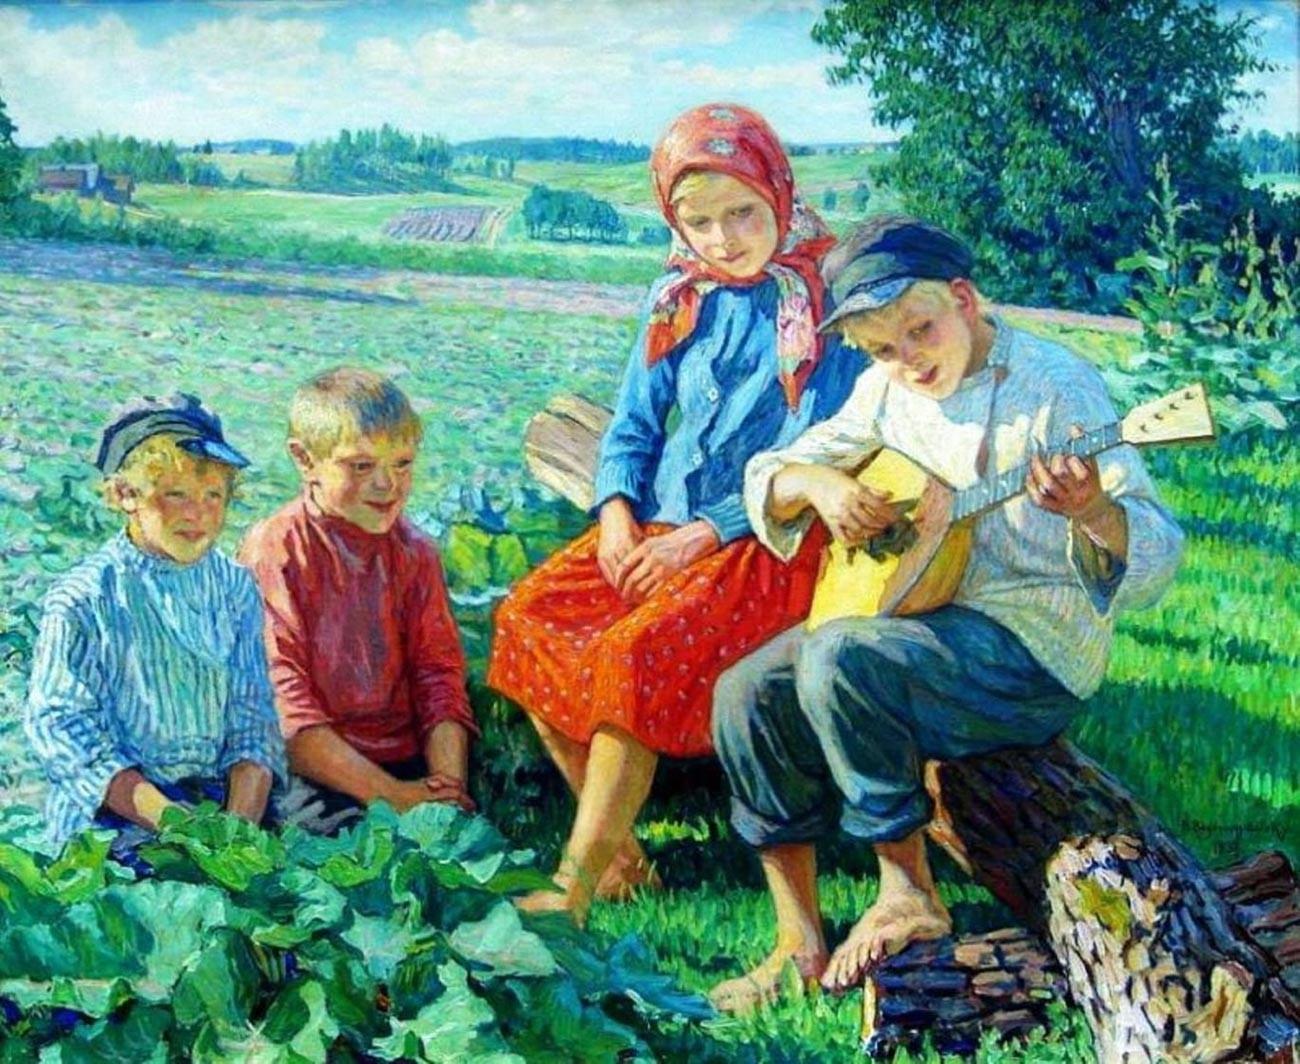 Kinder, die Balalaika spielen, 1937, von Nikolai Bogdanow-Belski (1868-1945).